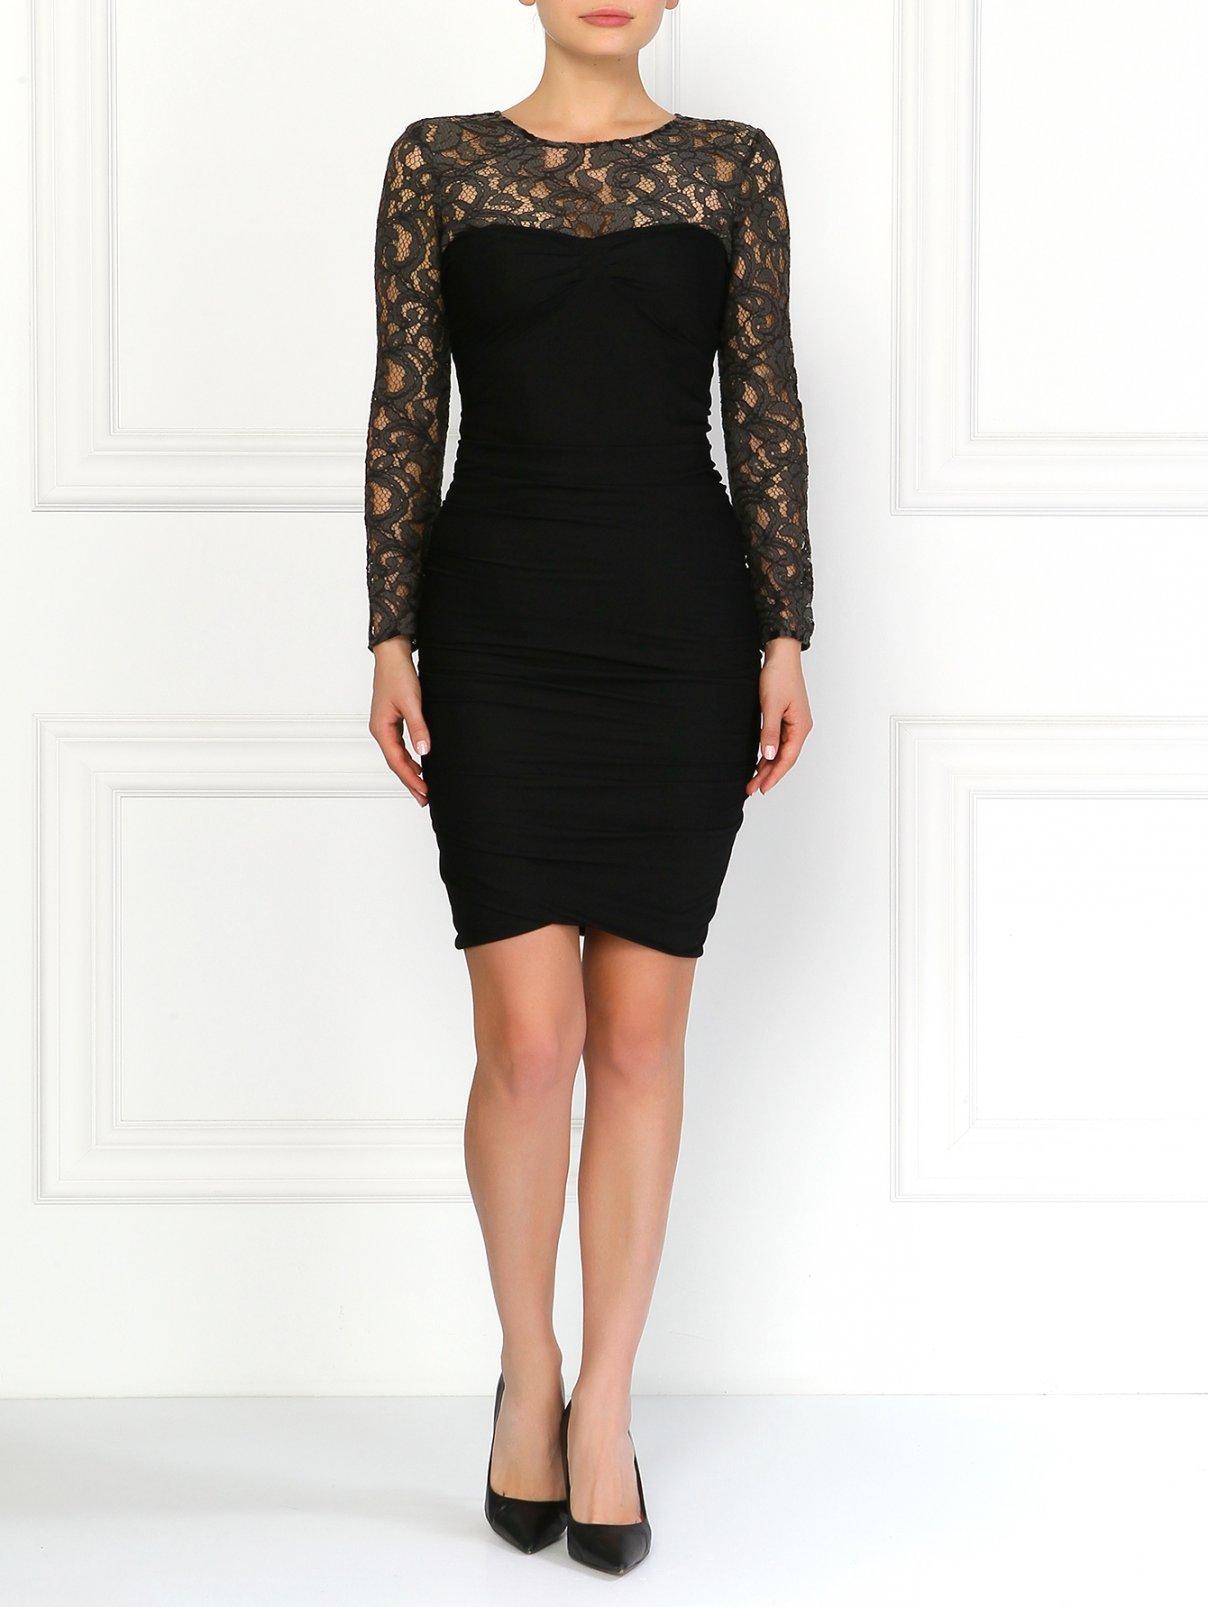 Платье-миди с кружевной вставкой Moschino Cheap&Chic  –  Модель Общий вид